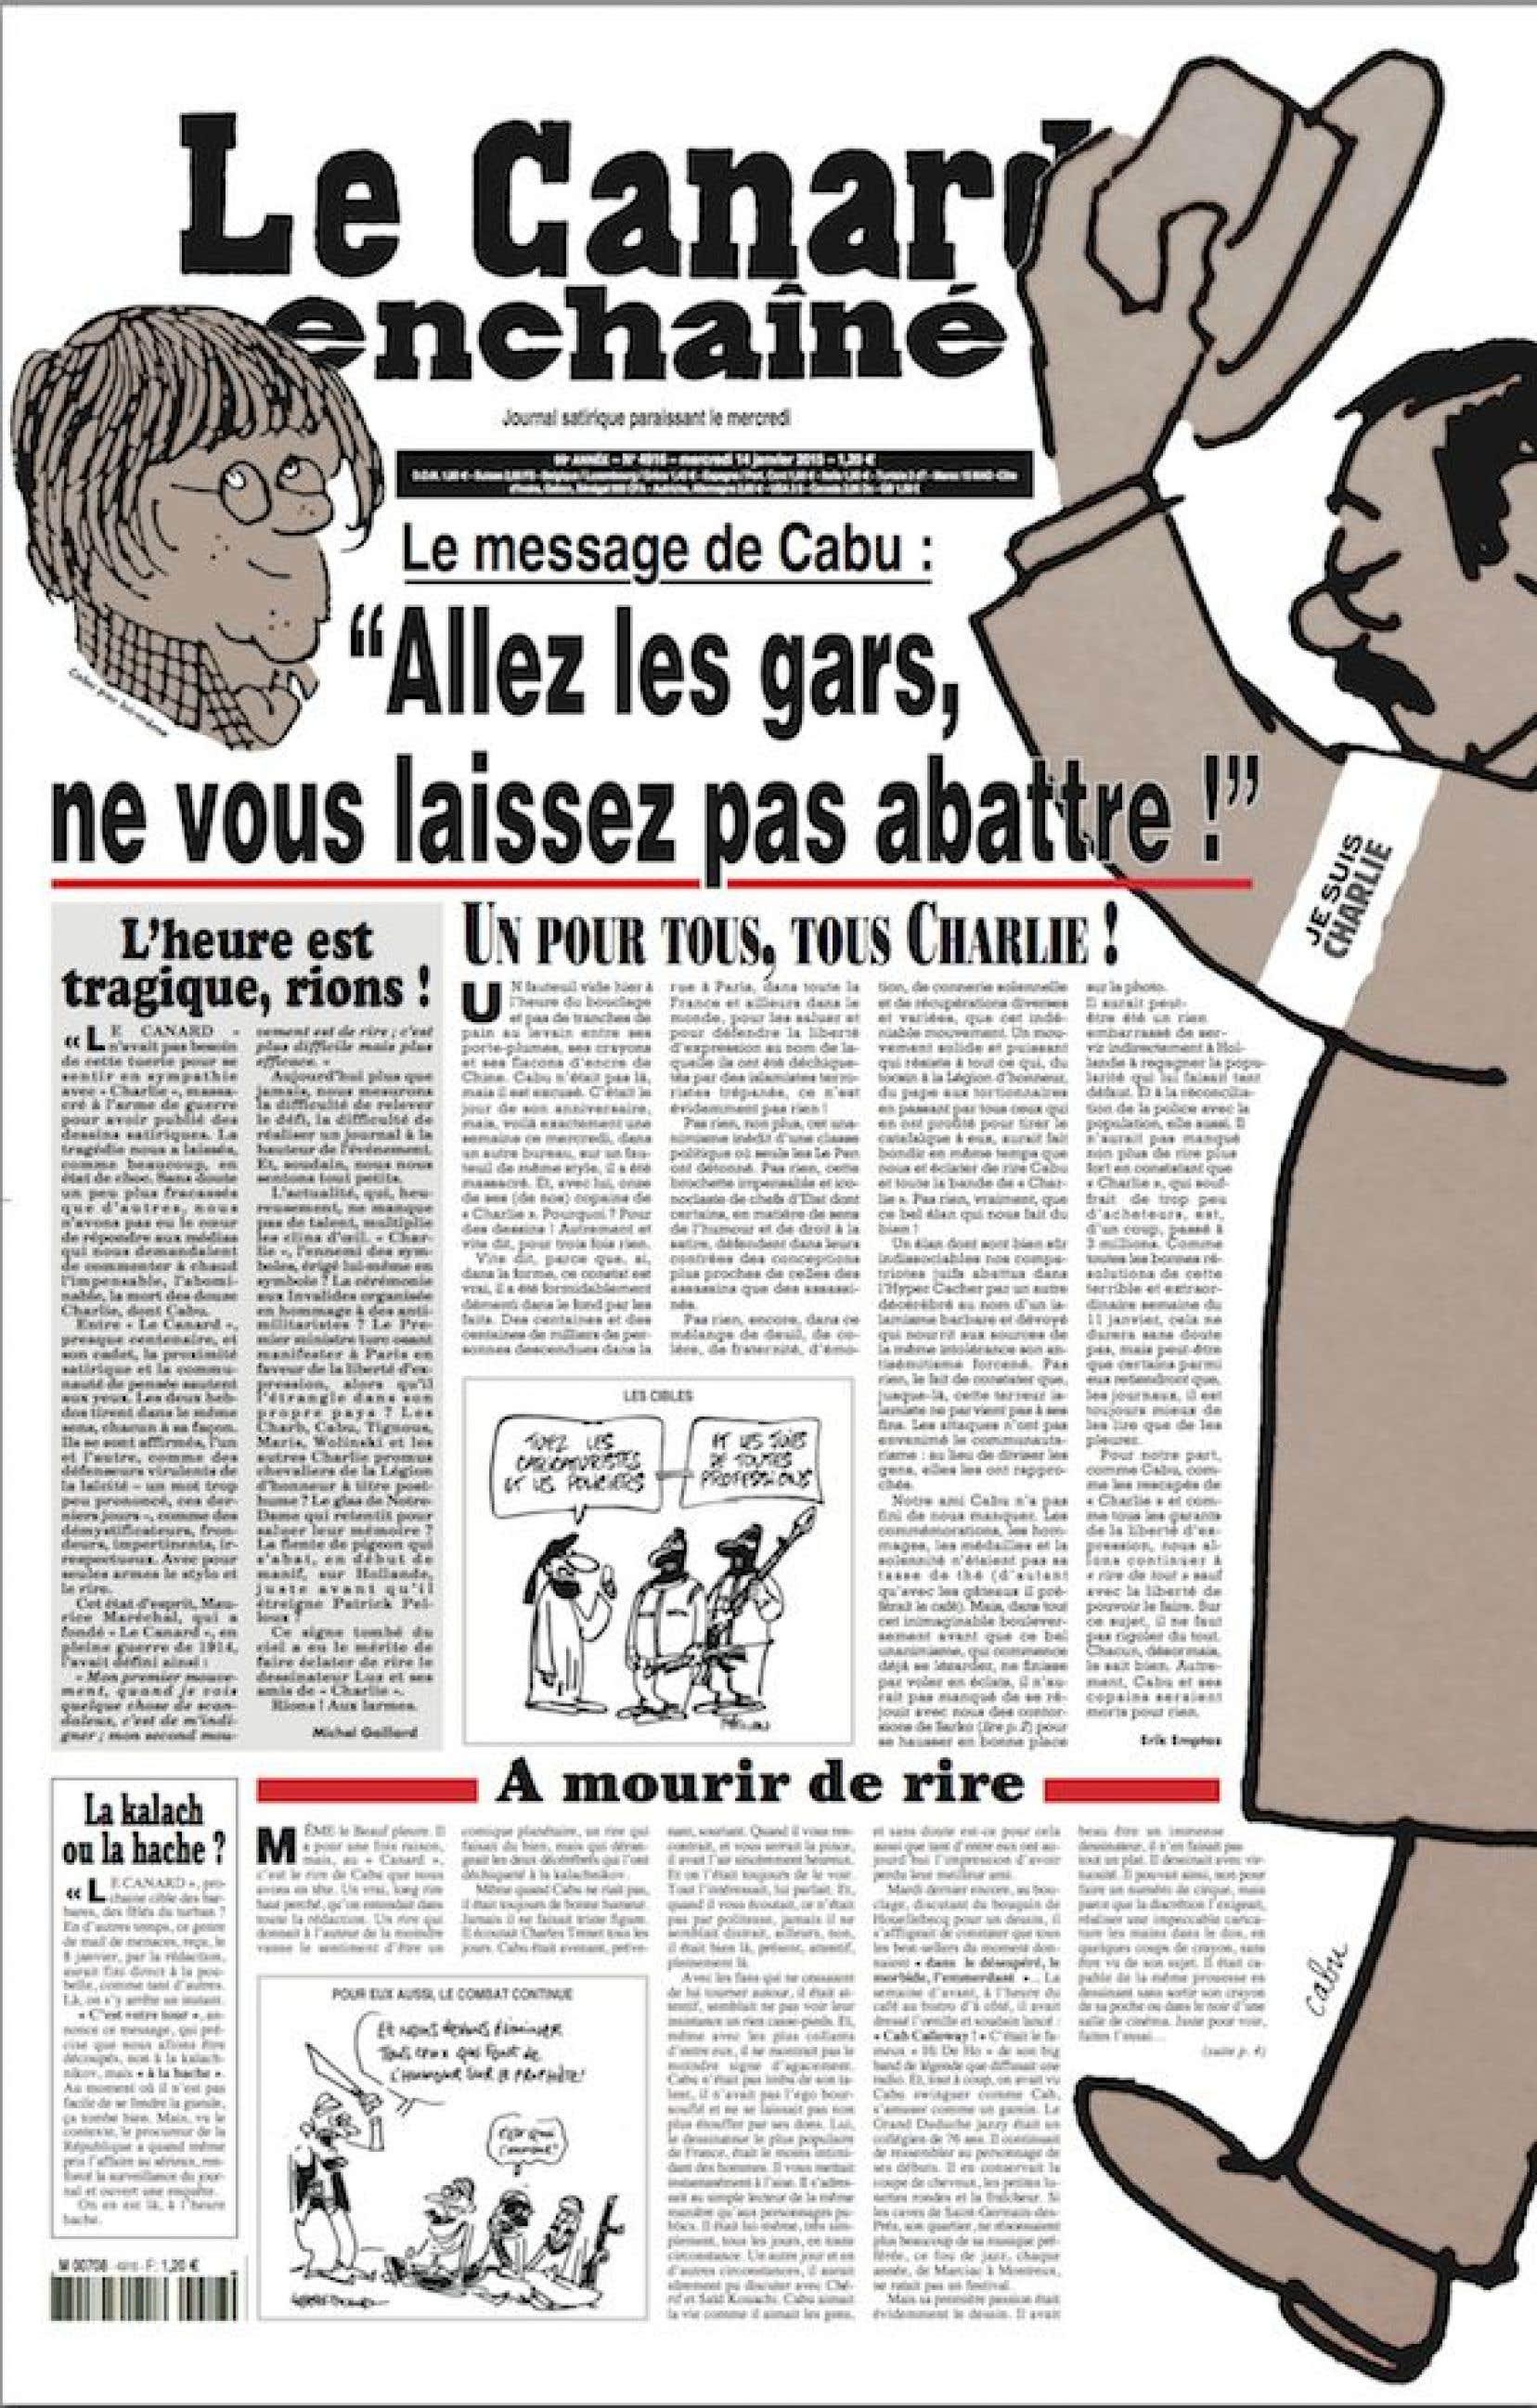 Tous les articles de la page que laisse circuler le <em>Canard</em> traitent de l'attentat à<em>Charlie Hebdo.</em>